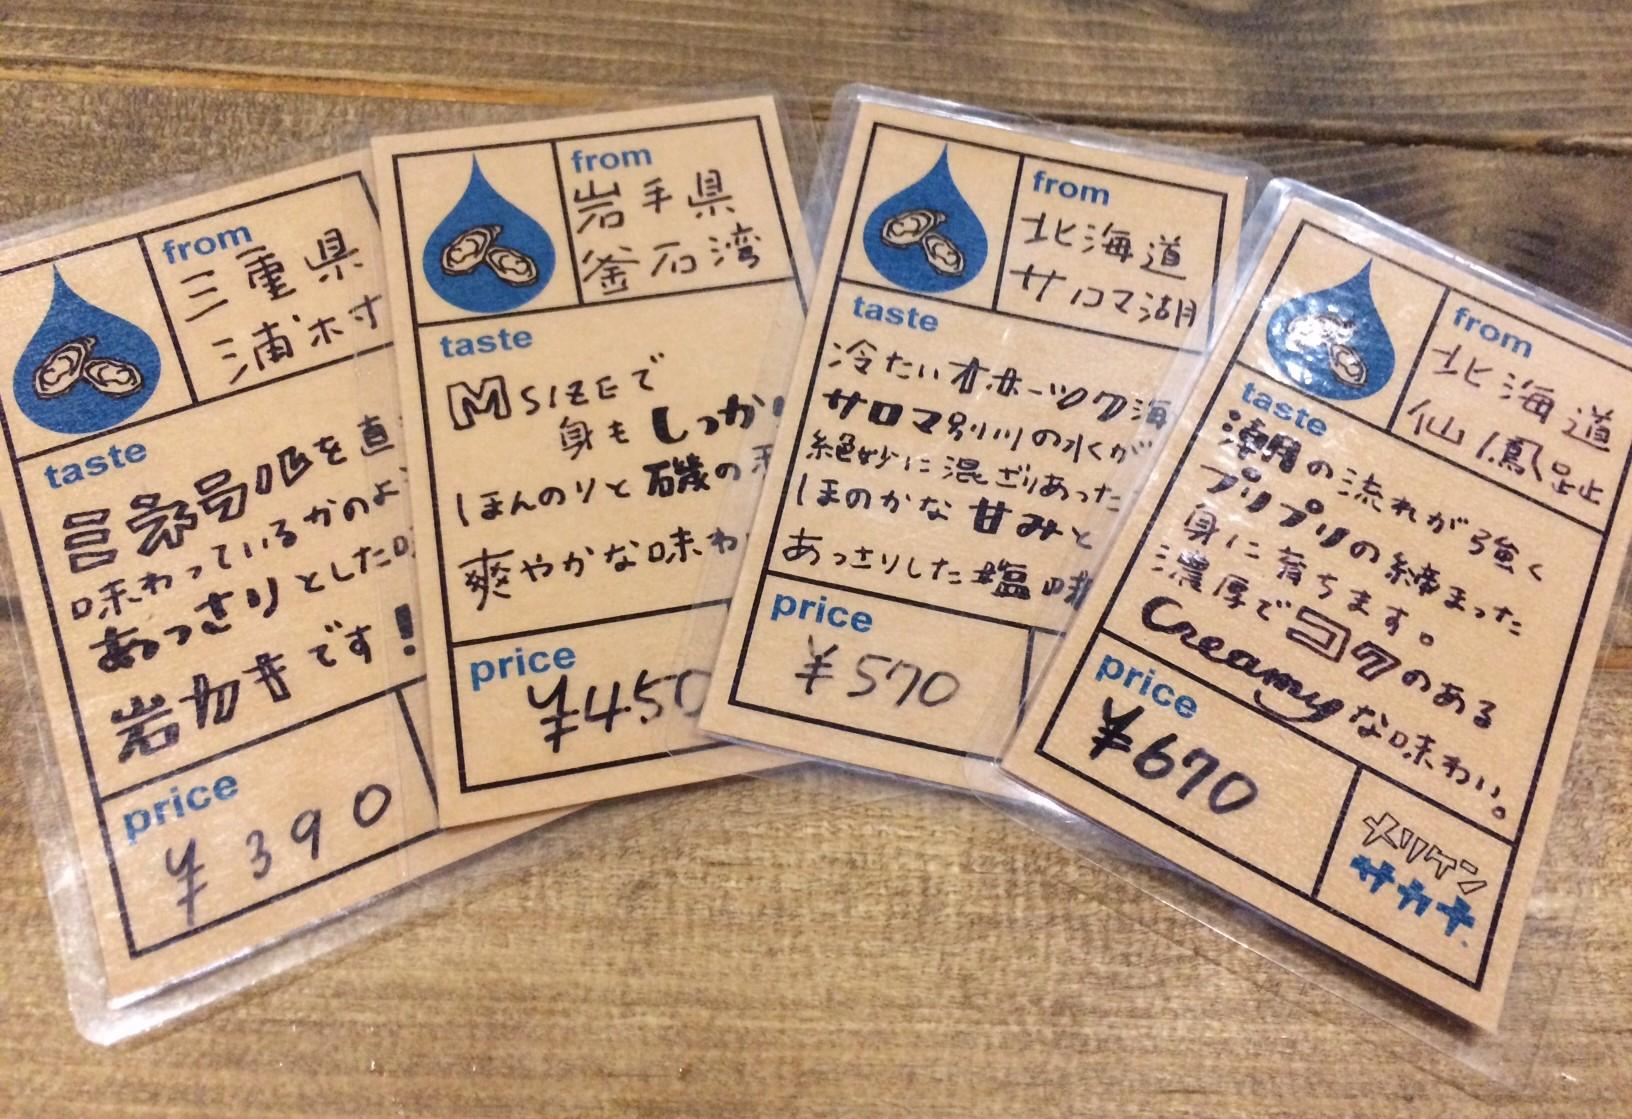 栄養たっぷりの新鮮なカキを名古屋で堪能!海外風オイスターバー「メリケンサカナ」 - kakilineup